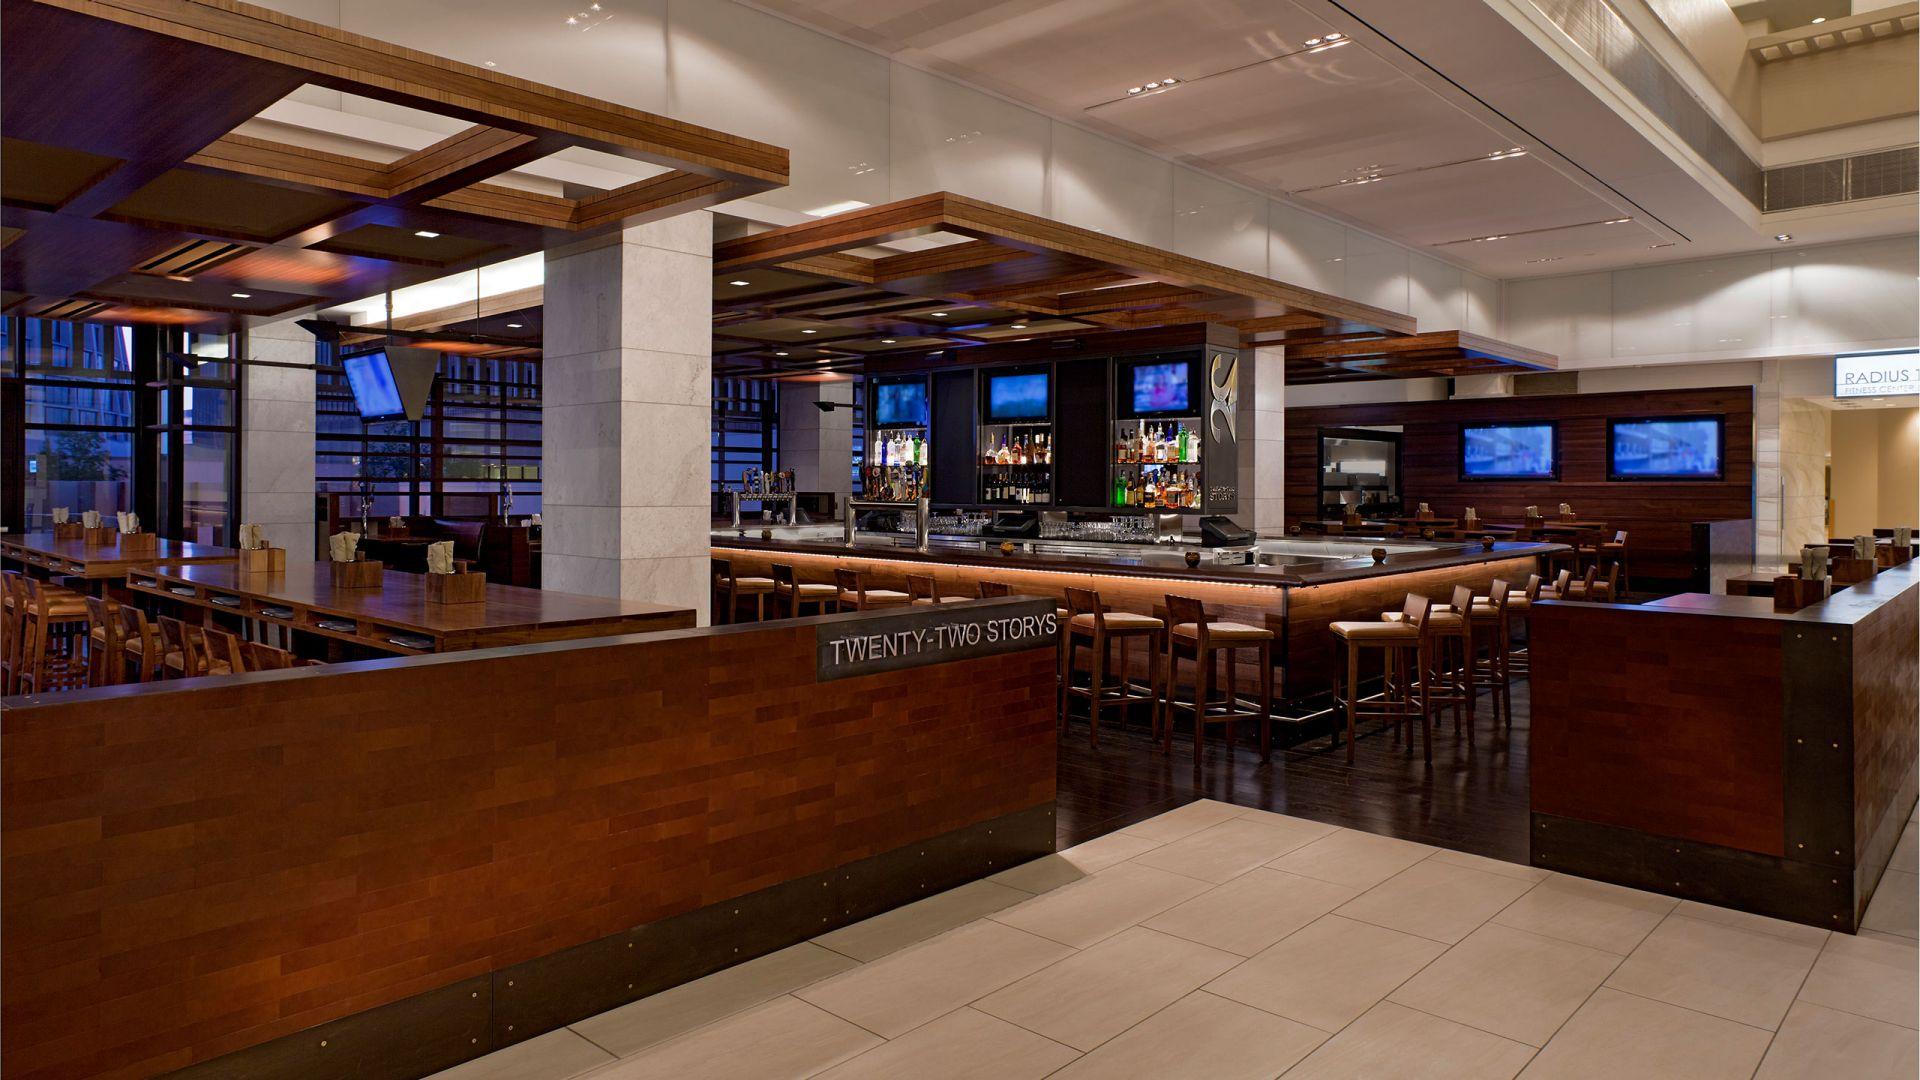 22 Stories Bar Hyatt Regency Atlanta